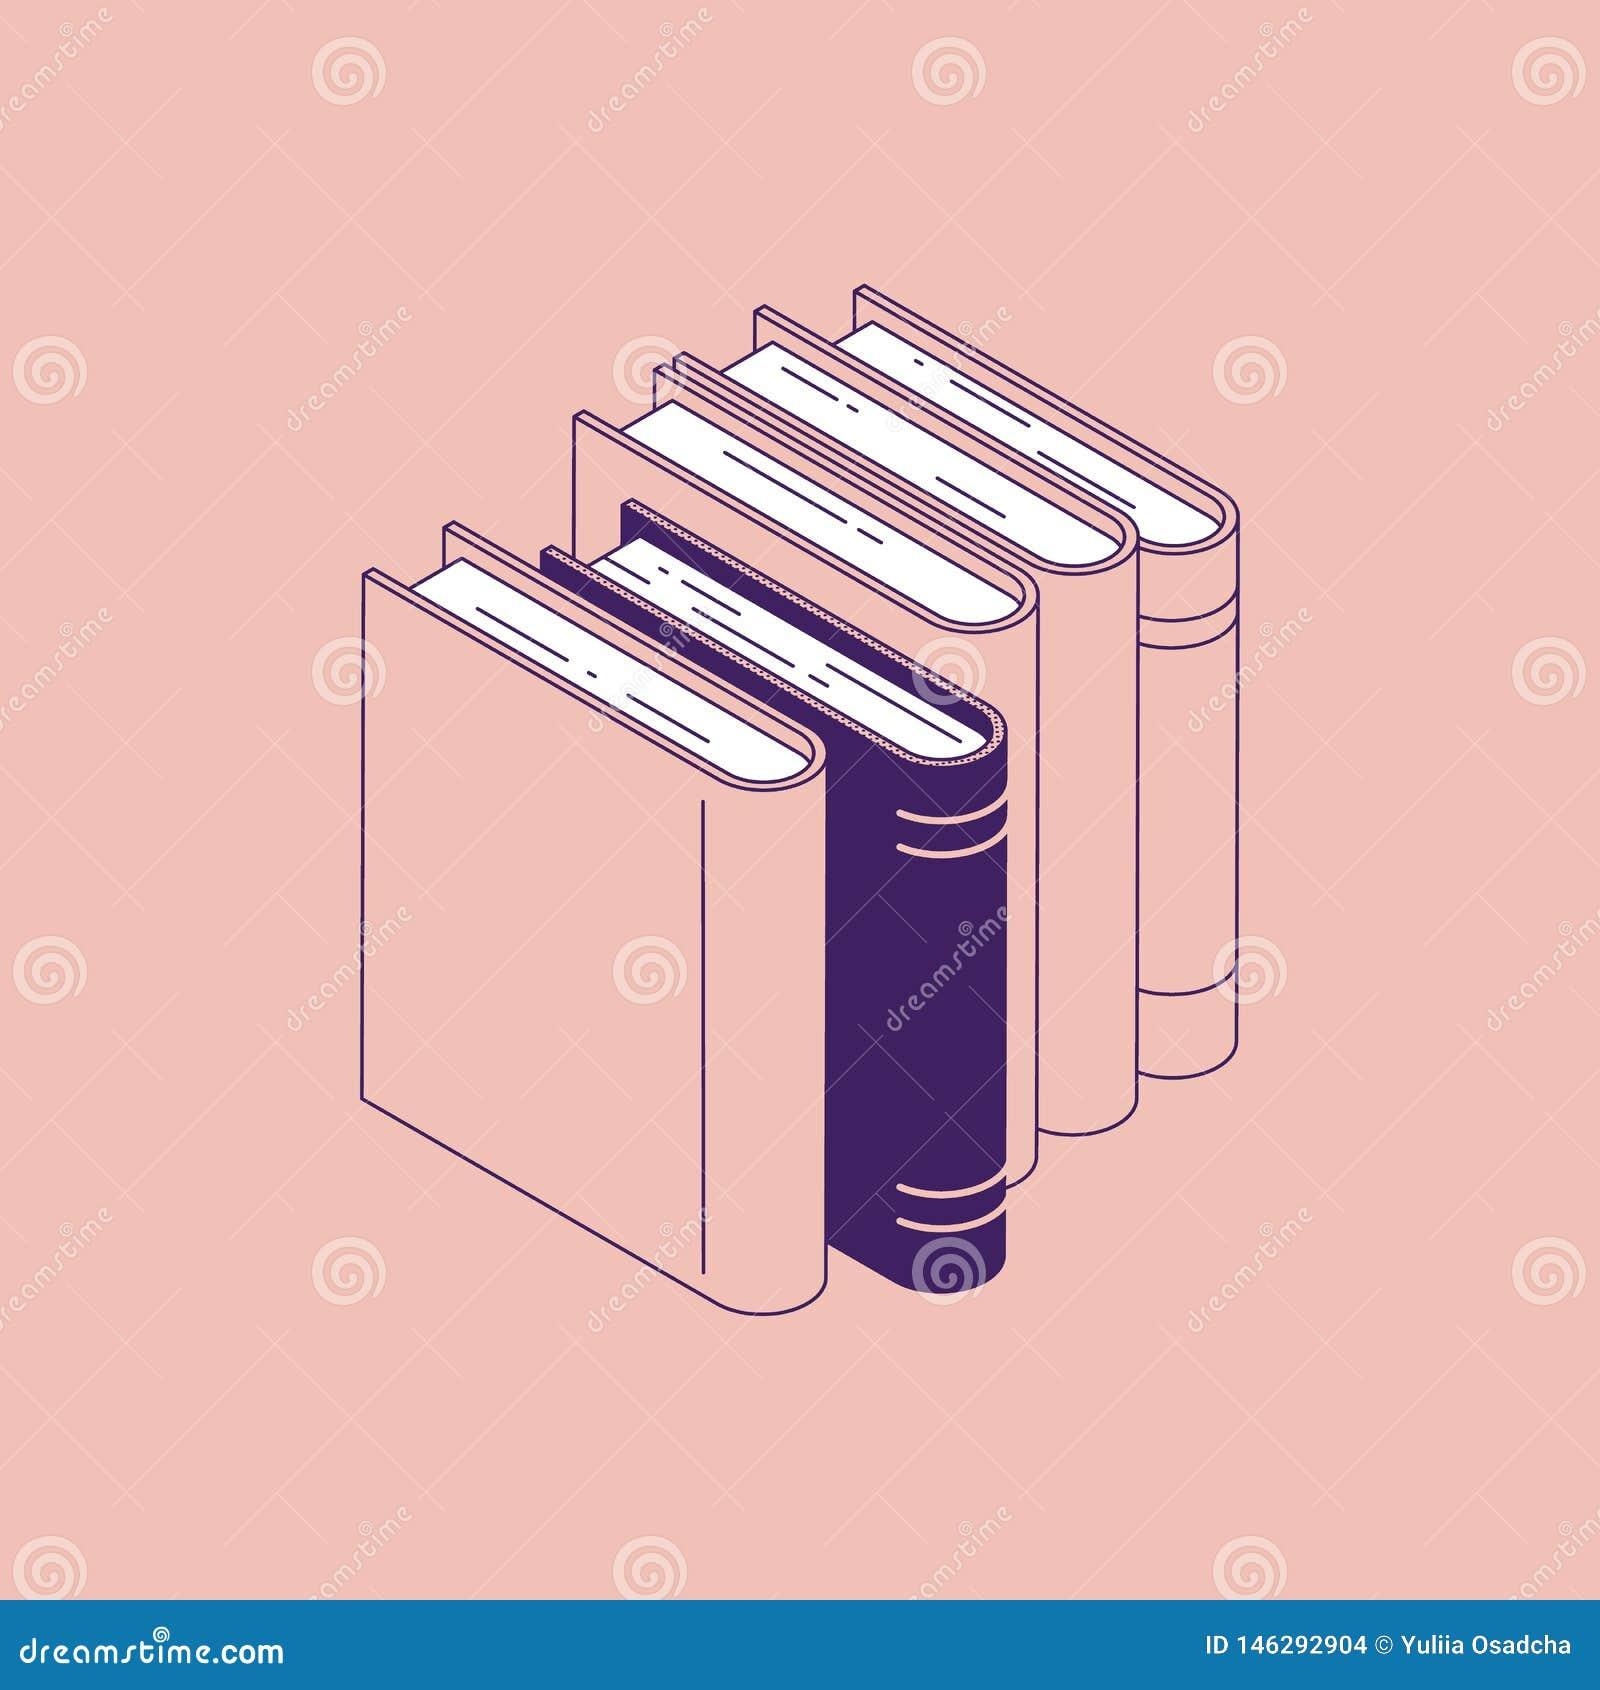 Isometric pozycja rezerwuje - odosobnioną wektorową ilustrację sterta literatura dla edukacji i szkoła uczenie pojęcia